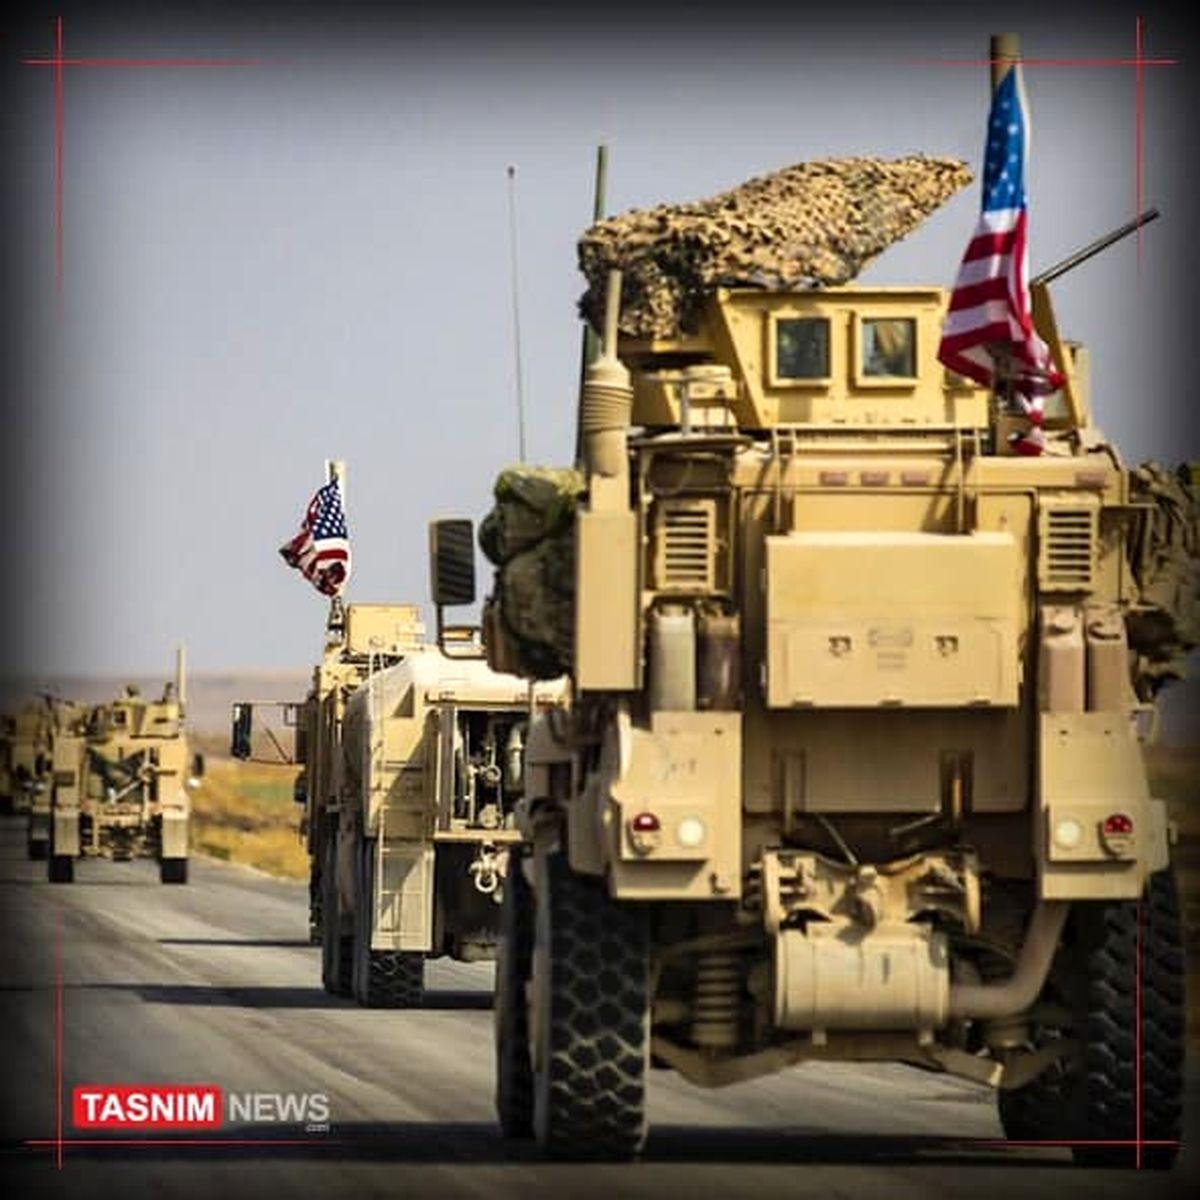 حمله به کاروان آمریکا در بغداد